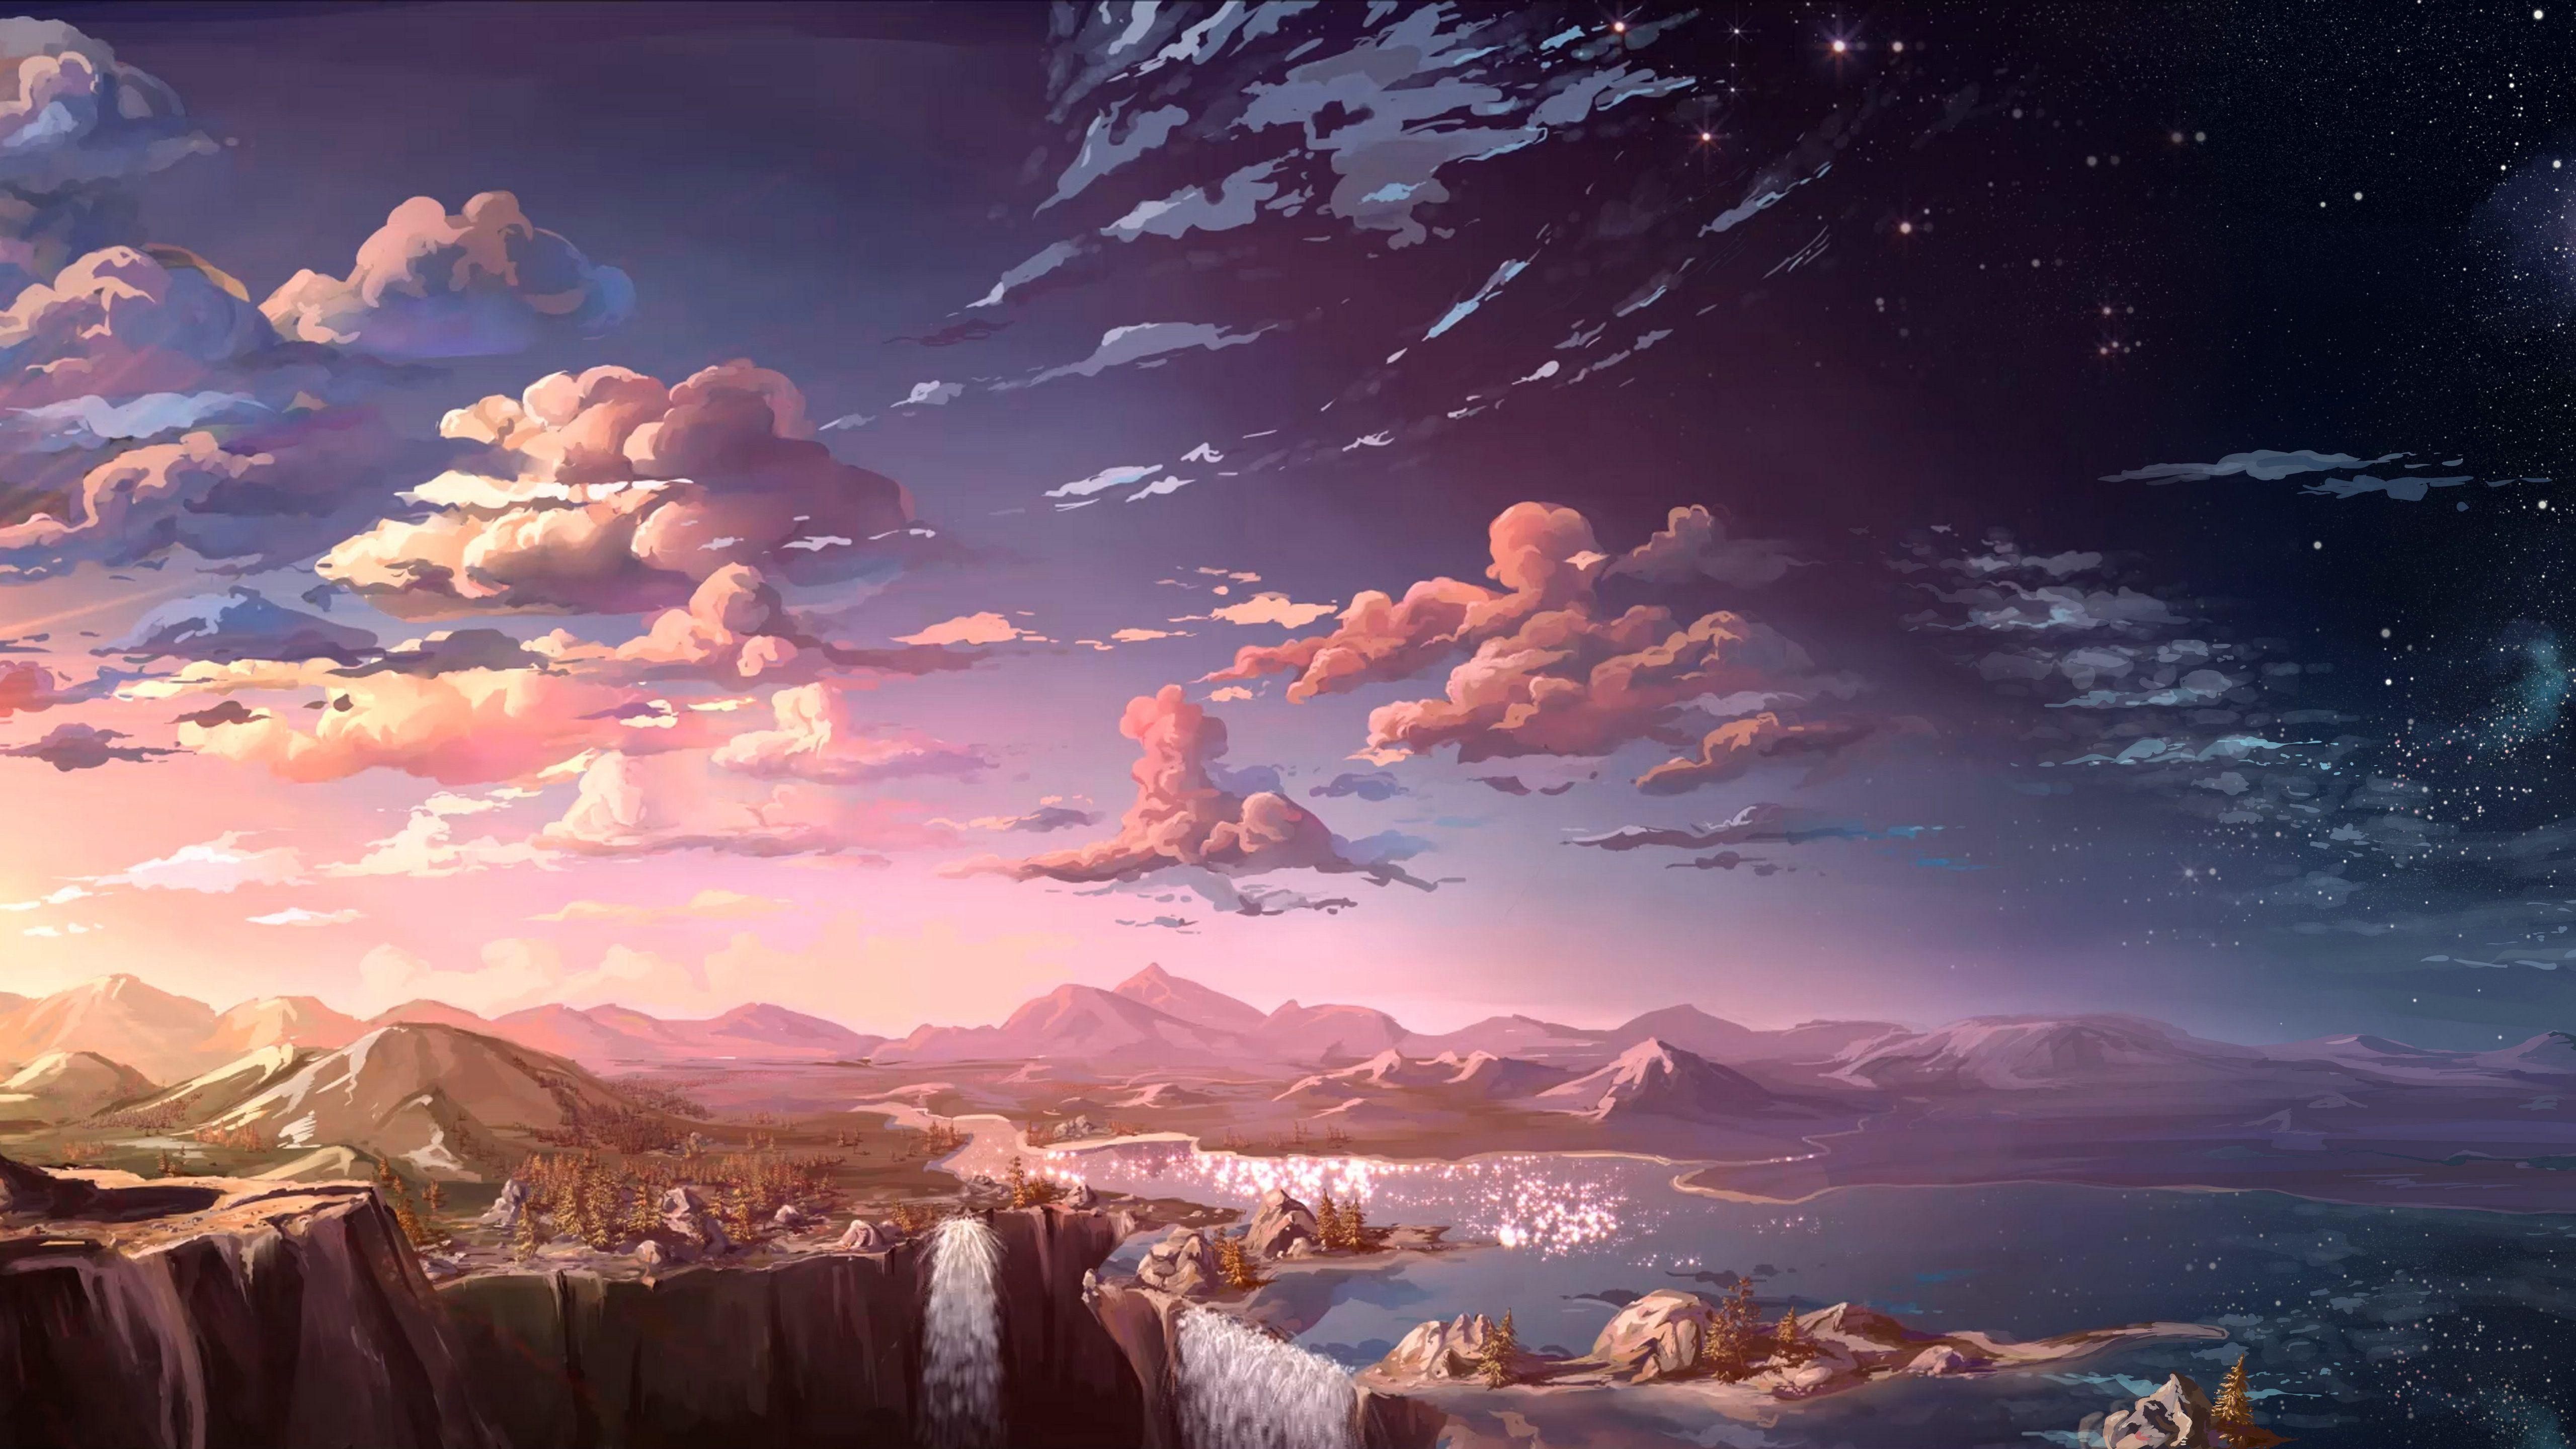 Beautiful Anime Scenery Wallpapers   Top Beautiful Anime 5120x2880